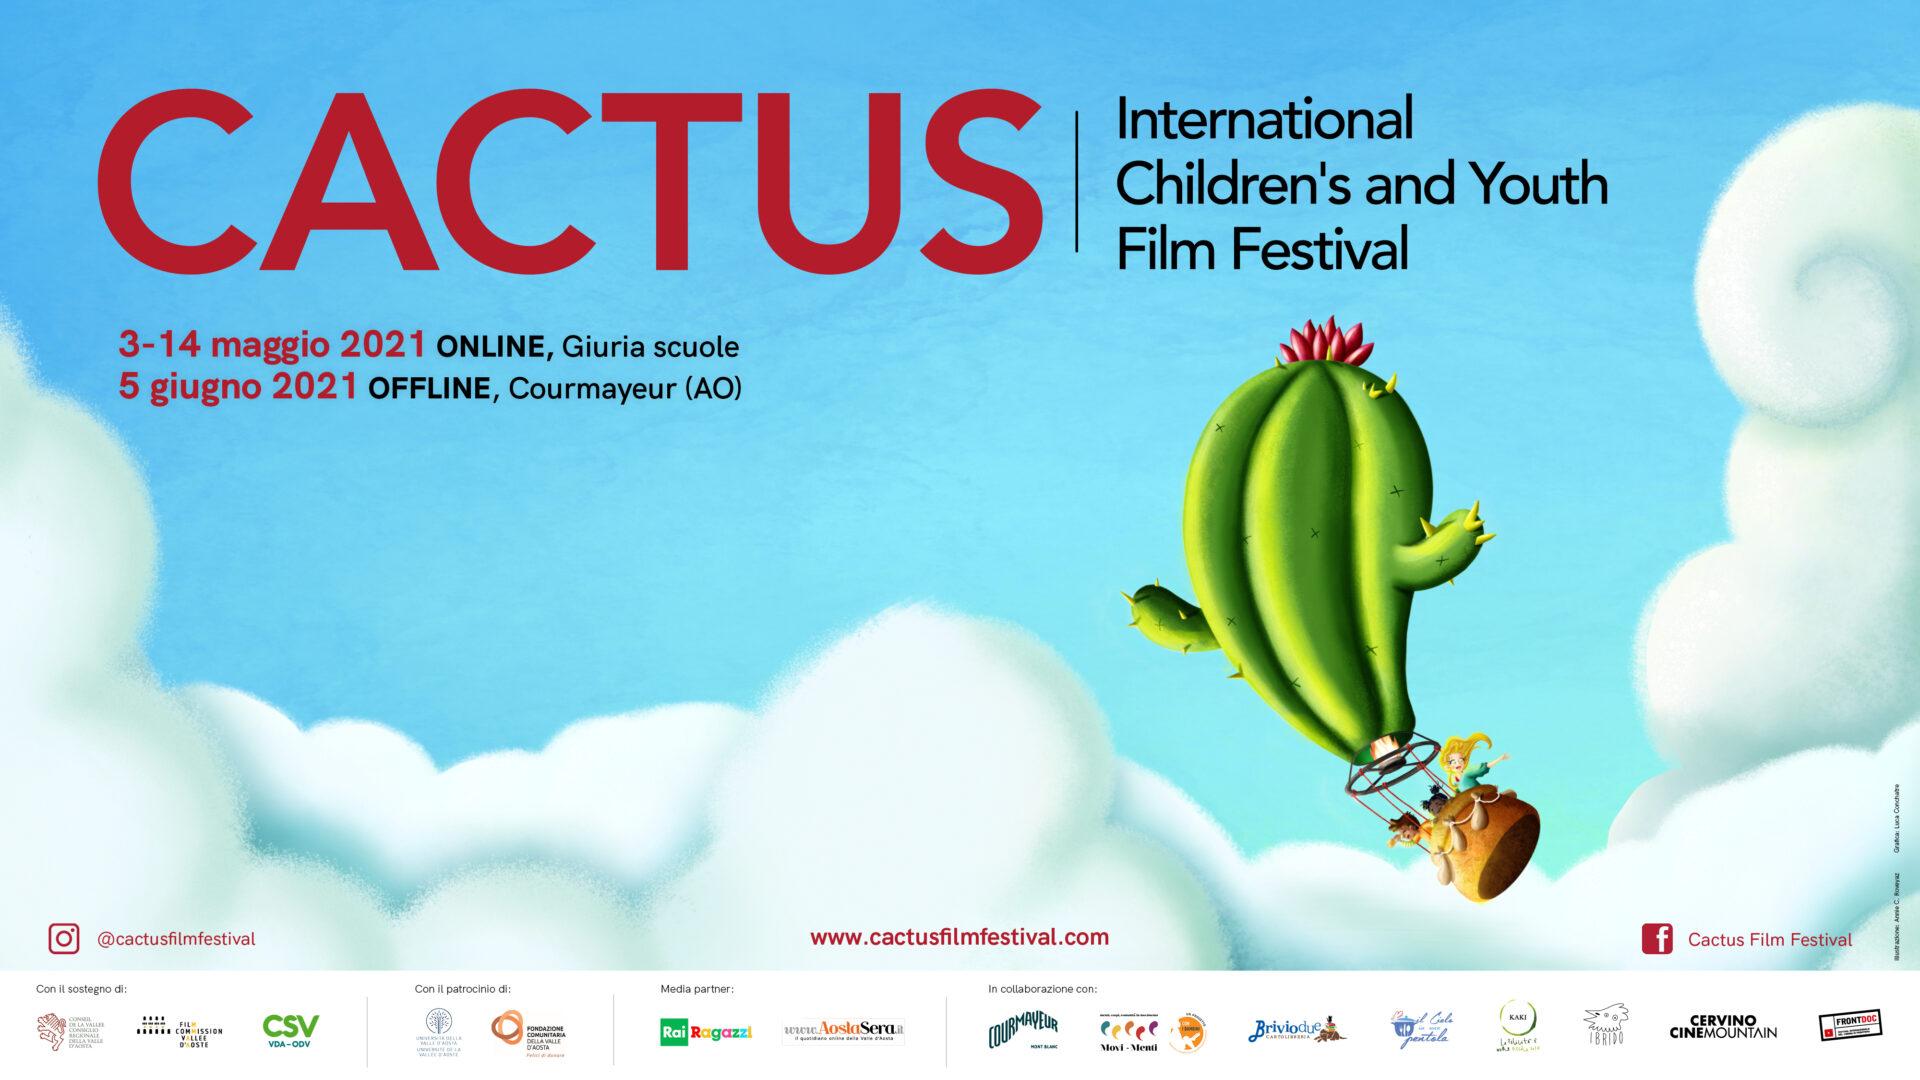 La locandina del Cactus film Festiva: illustranio Annie Roveyaz, progetto grafico Luca Conchatre